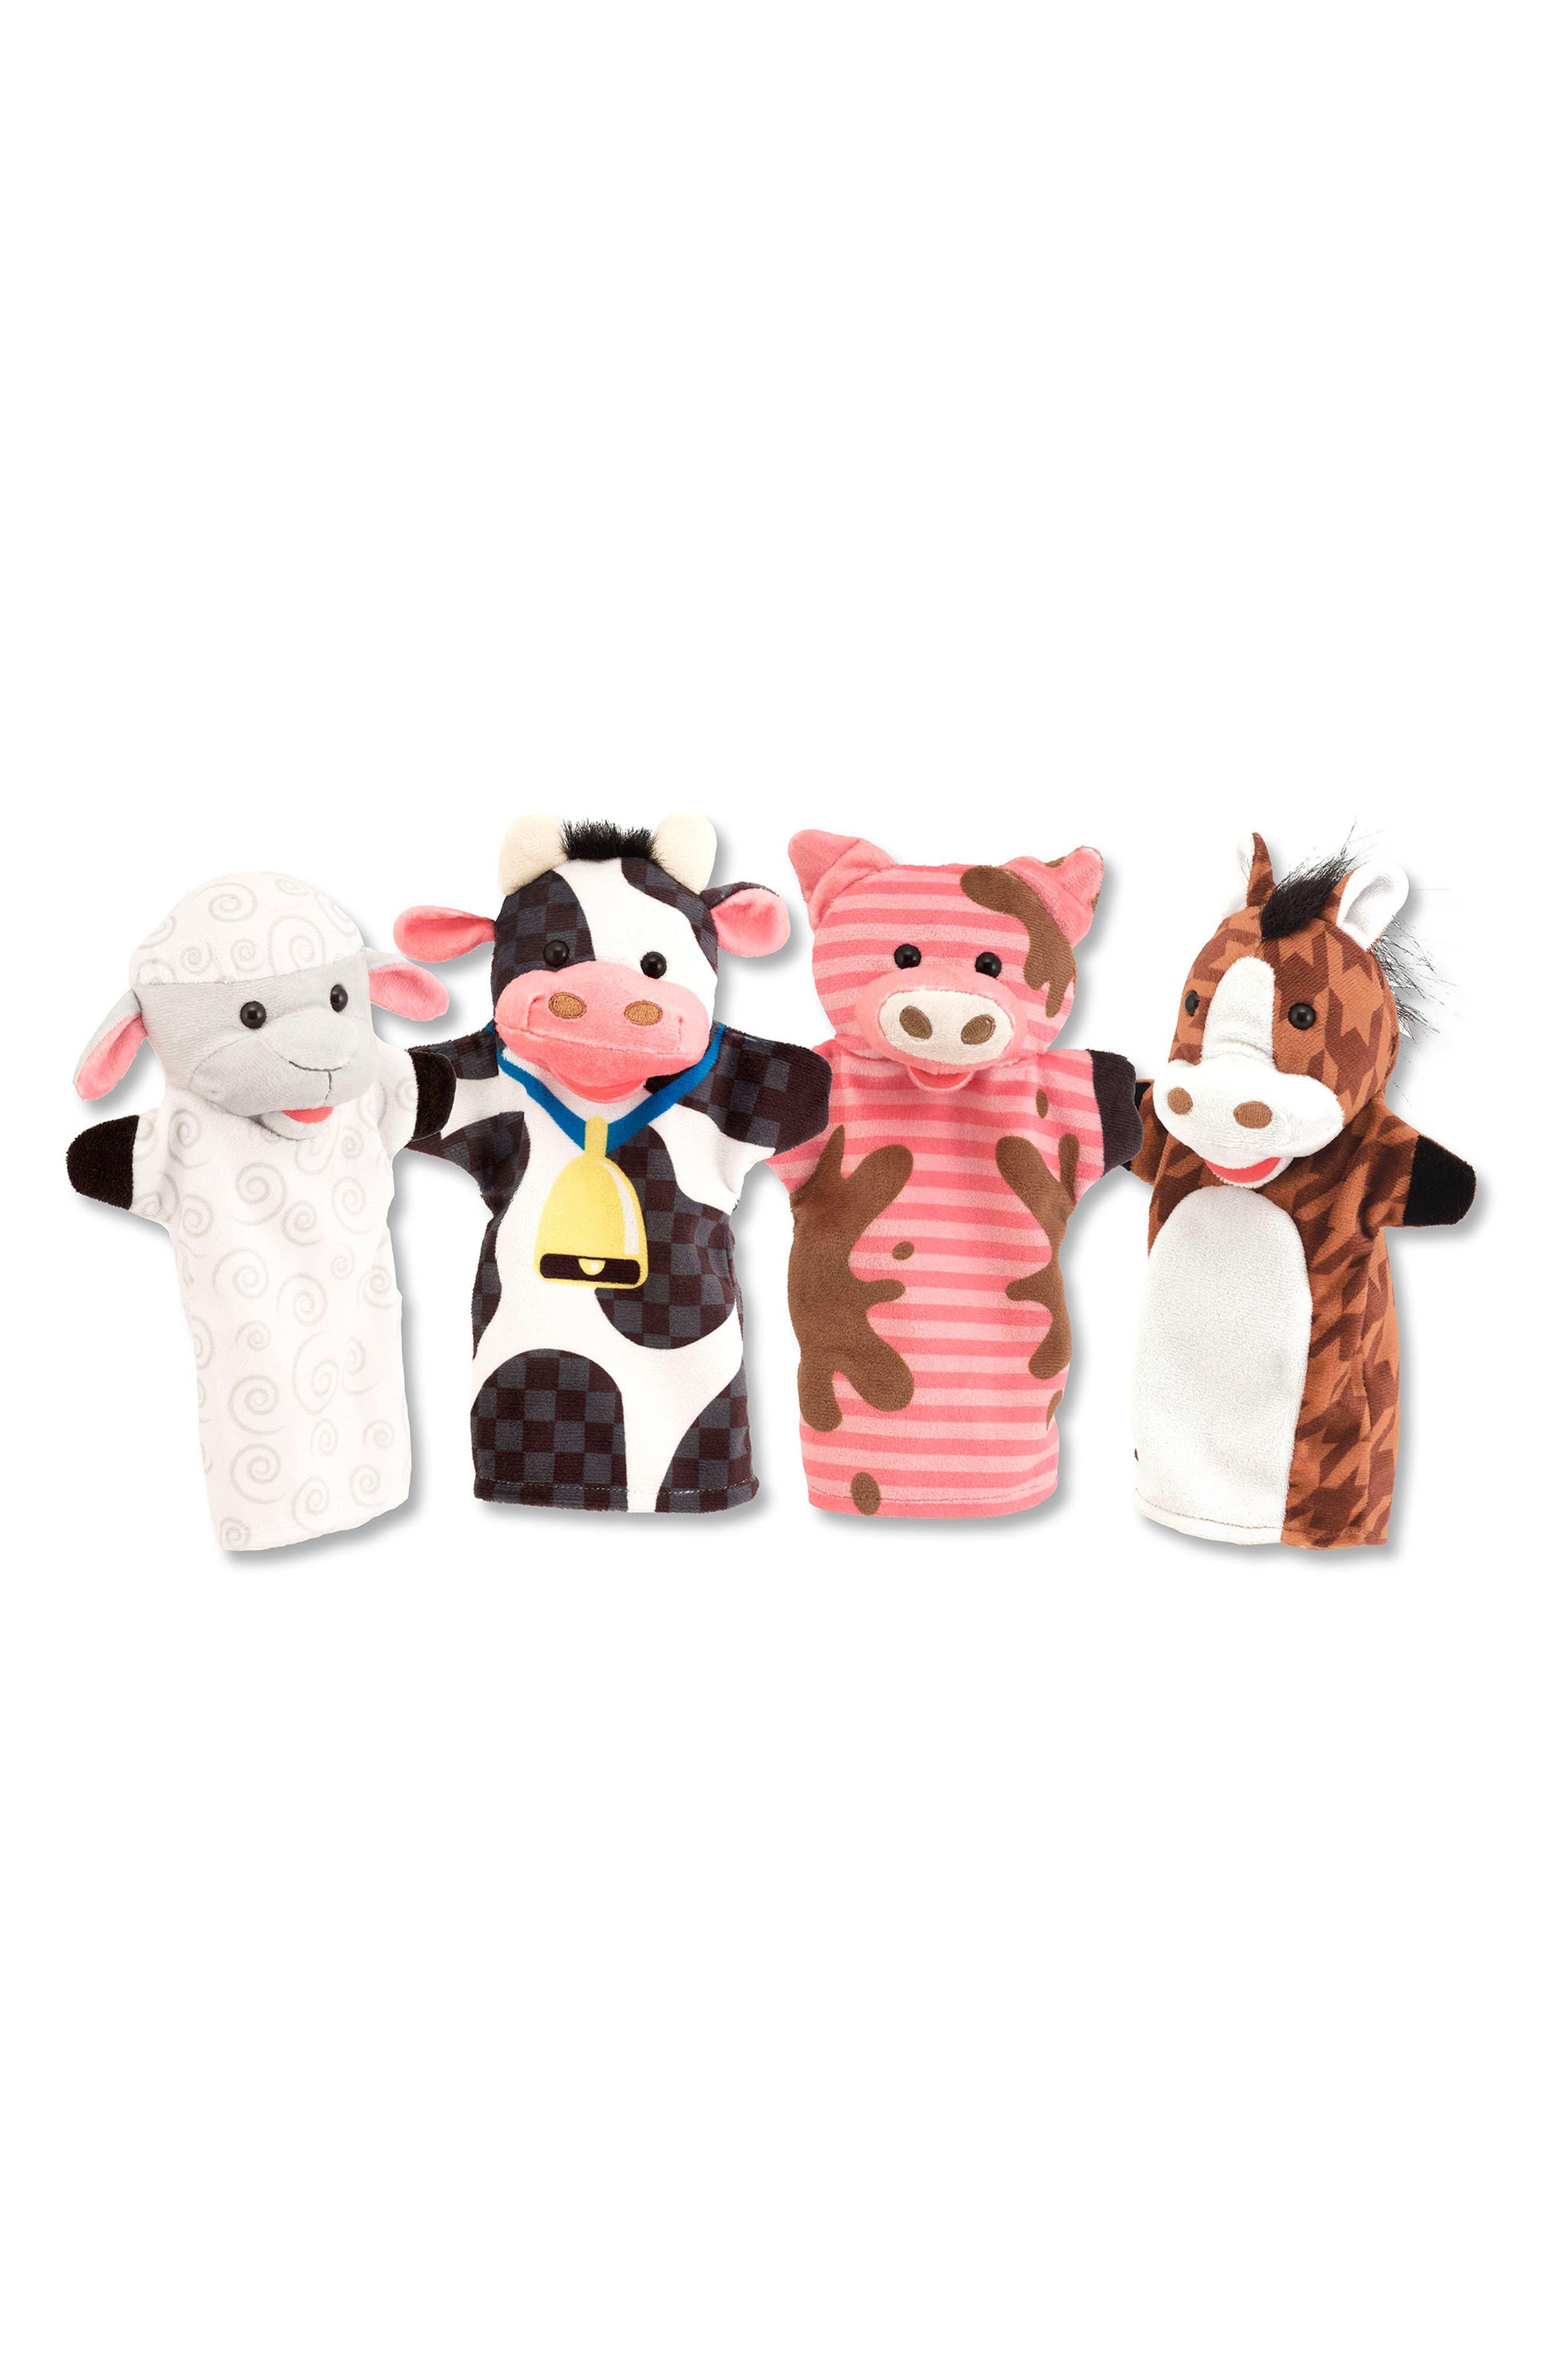 Farm Friends 4-Piece Hand Puppet Set,                             Main thumbnail 1, color,                             200